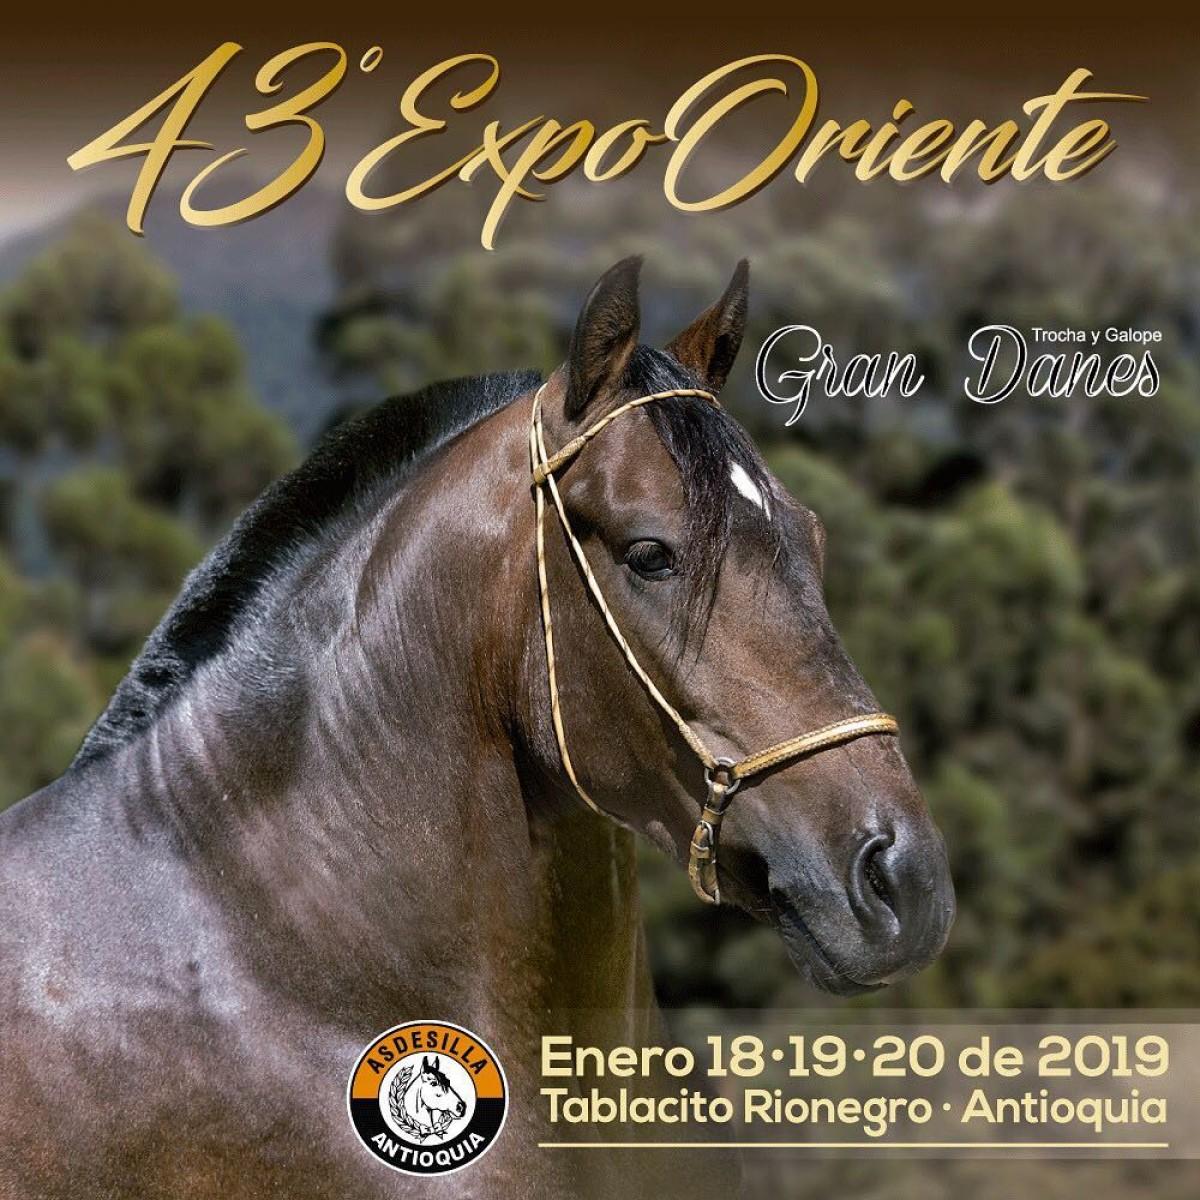 TRANSMISIÓN 43a ExpoOriente Grado A, Asdesilla, del 18 al 20 de Enero